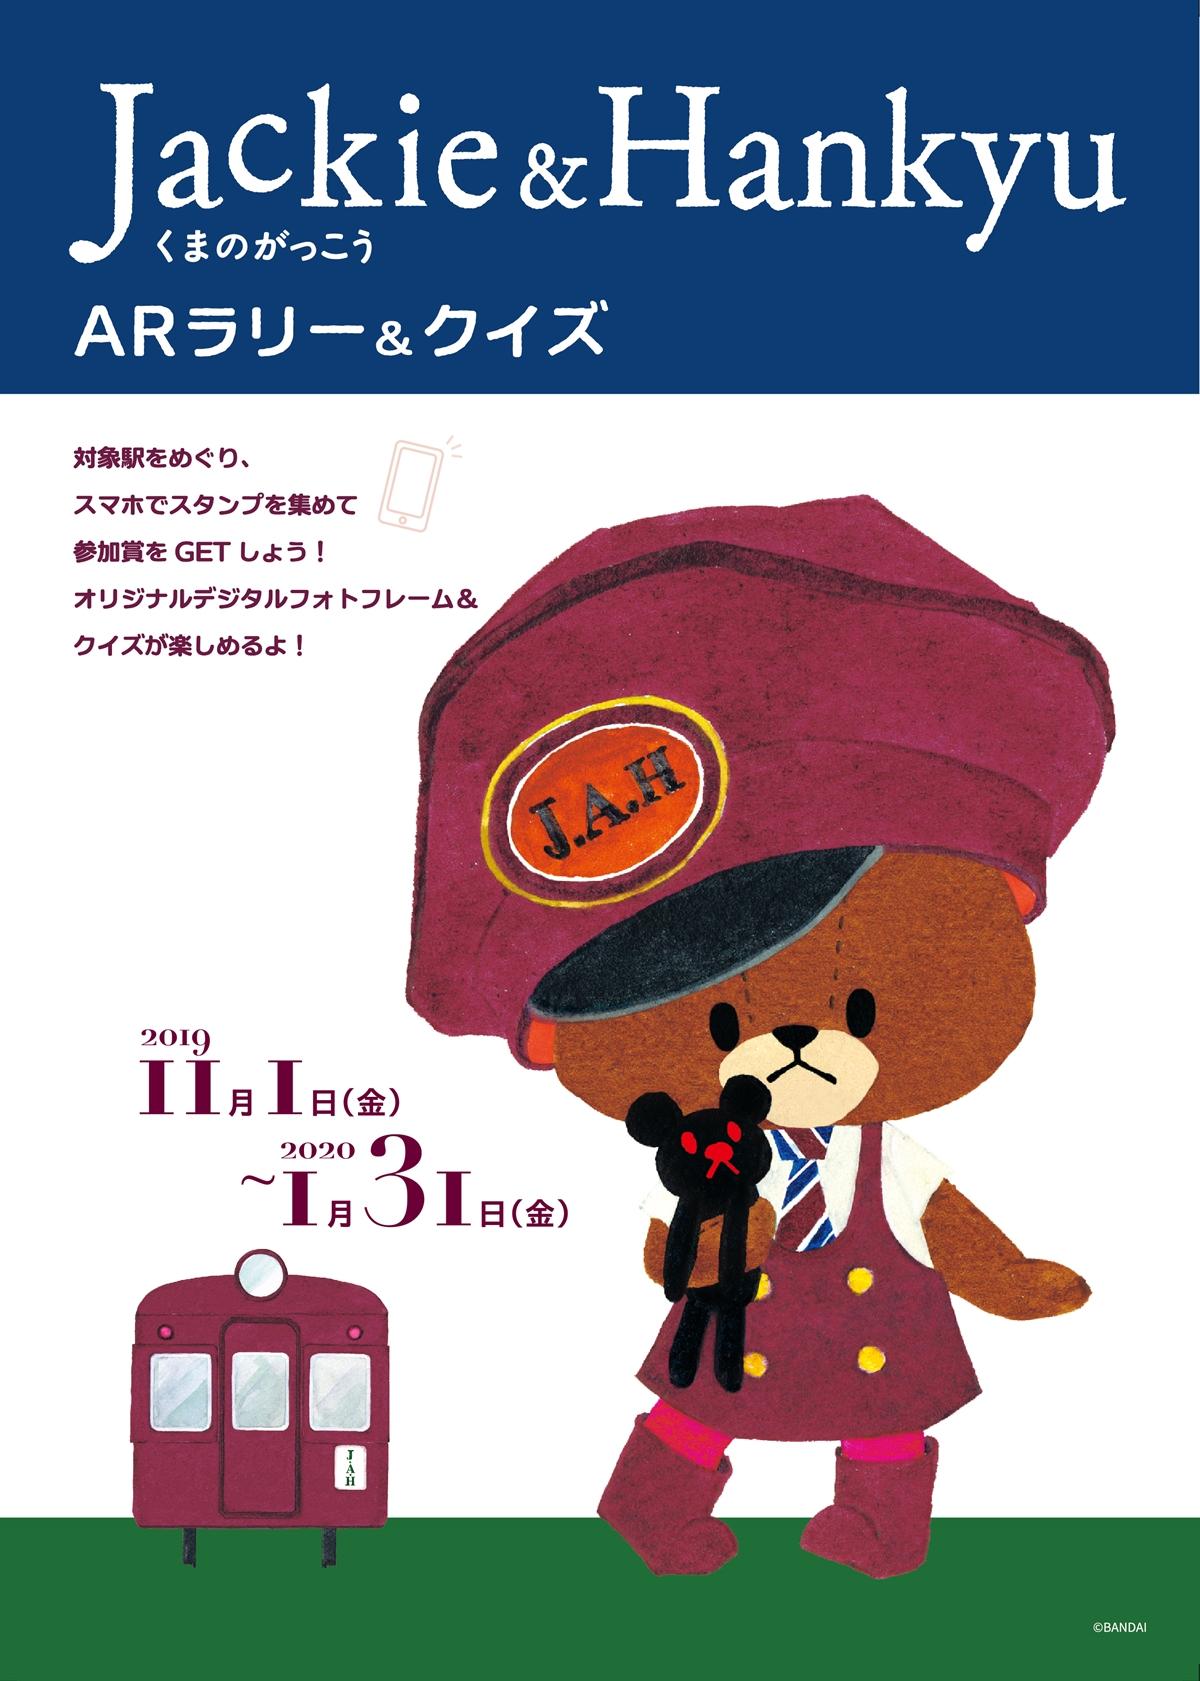 大人気絵本シリーズ「くまのがっこう」と阪急電鉄会社がコラボし、ARラリー&クイズイベントを開催!